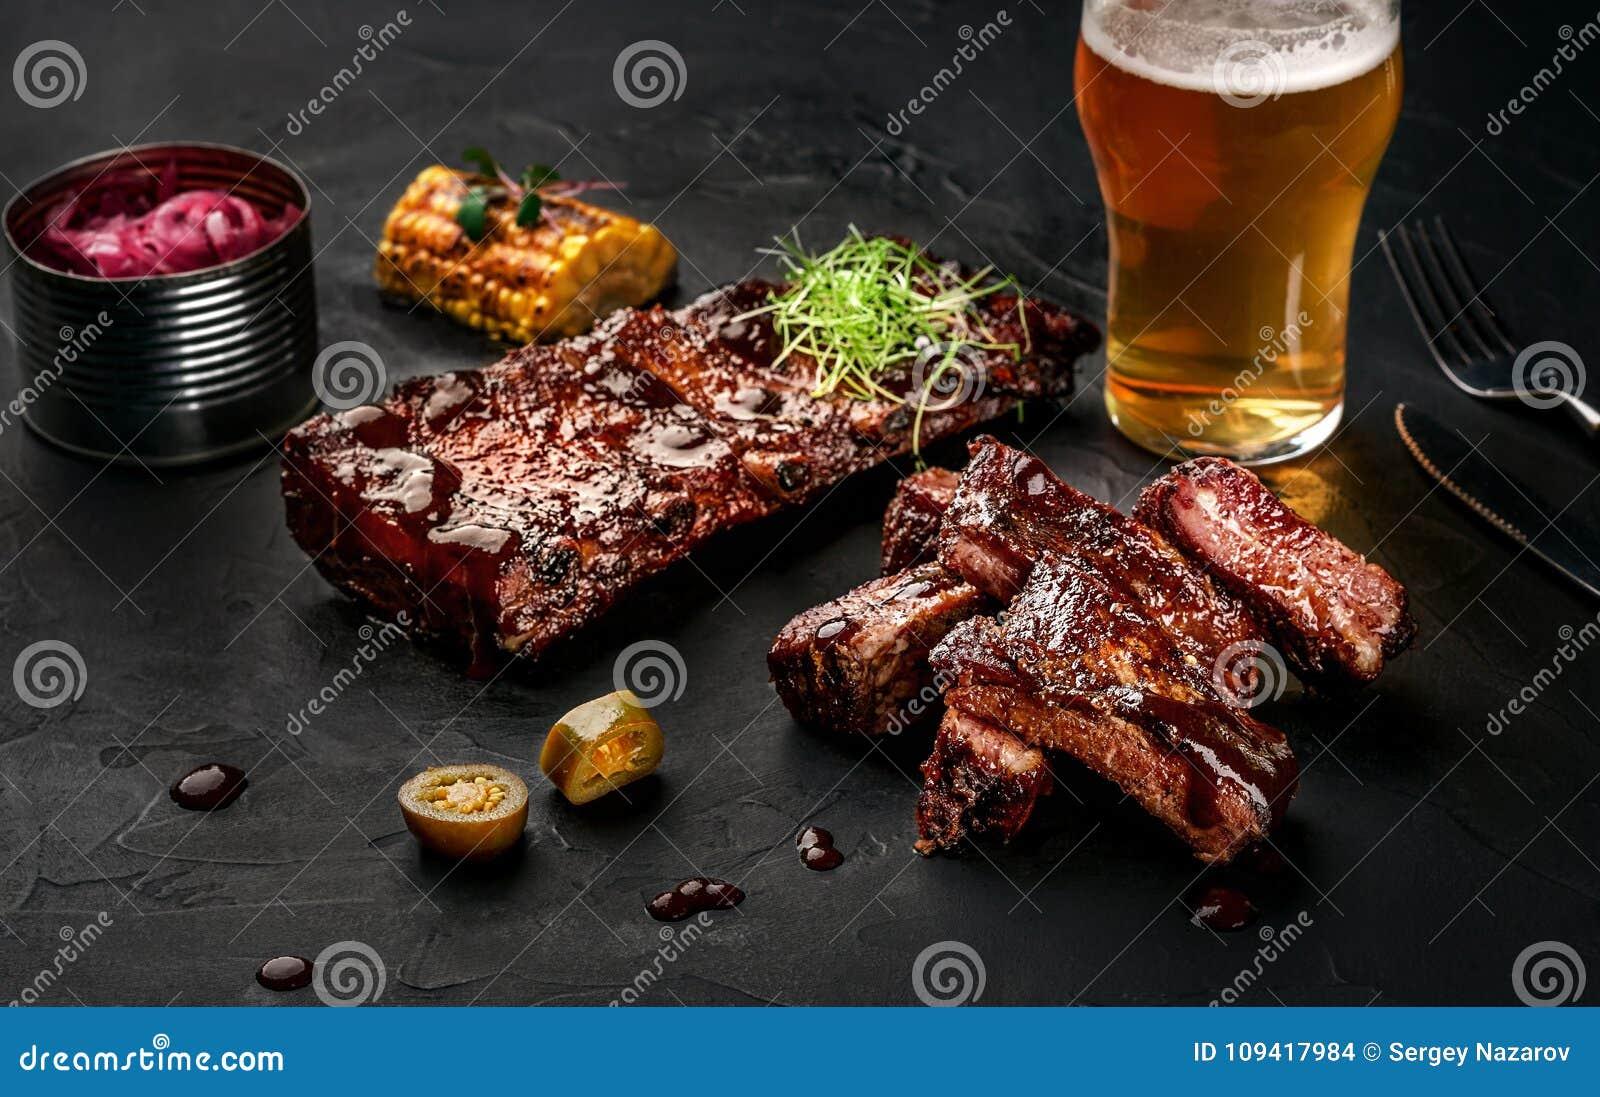 Πλευρά χοιρινού κρέατος στη σάλτσα σχαρών και ένα ποτήρι της μπύρας σε ένα μαύρο πιάτο πλακών Ένα μεγάλο πρόχειρο φαγητό στην μπύ